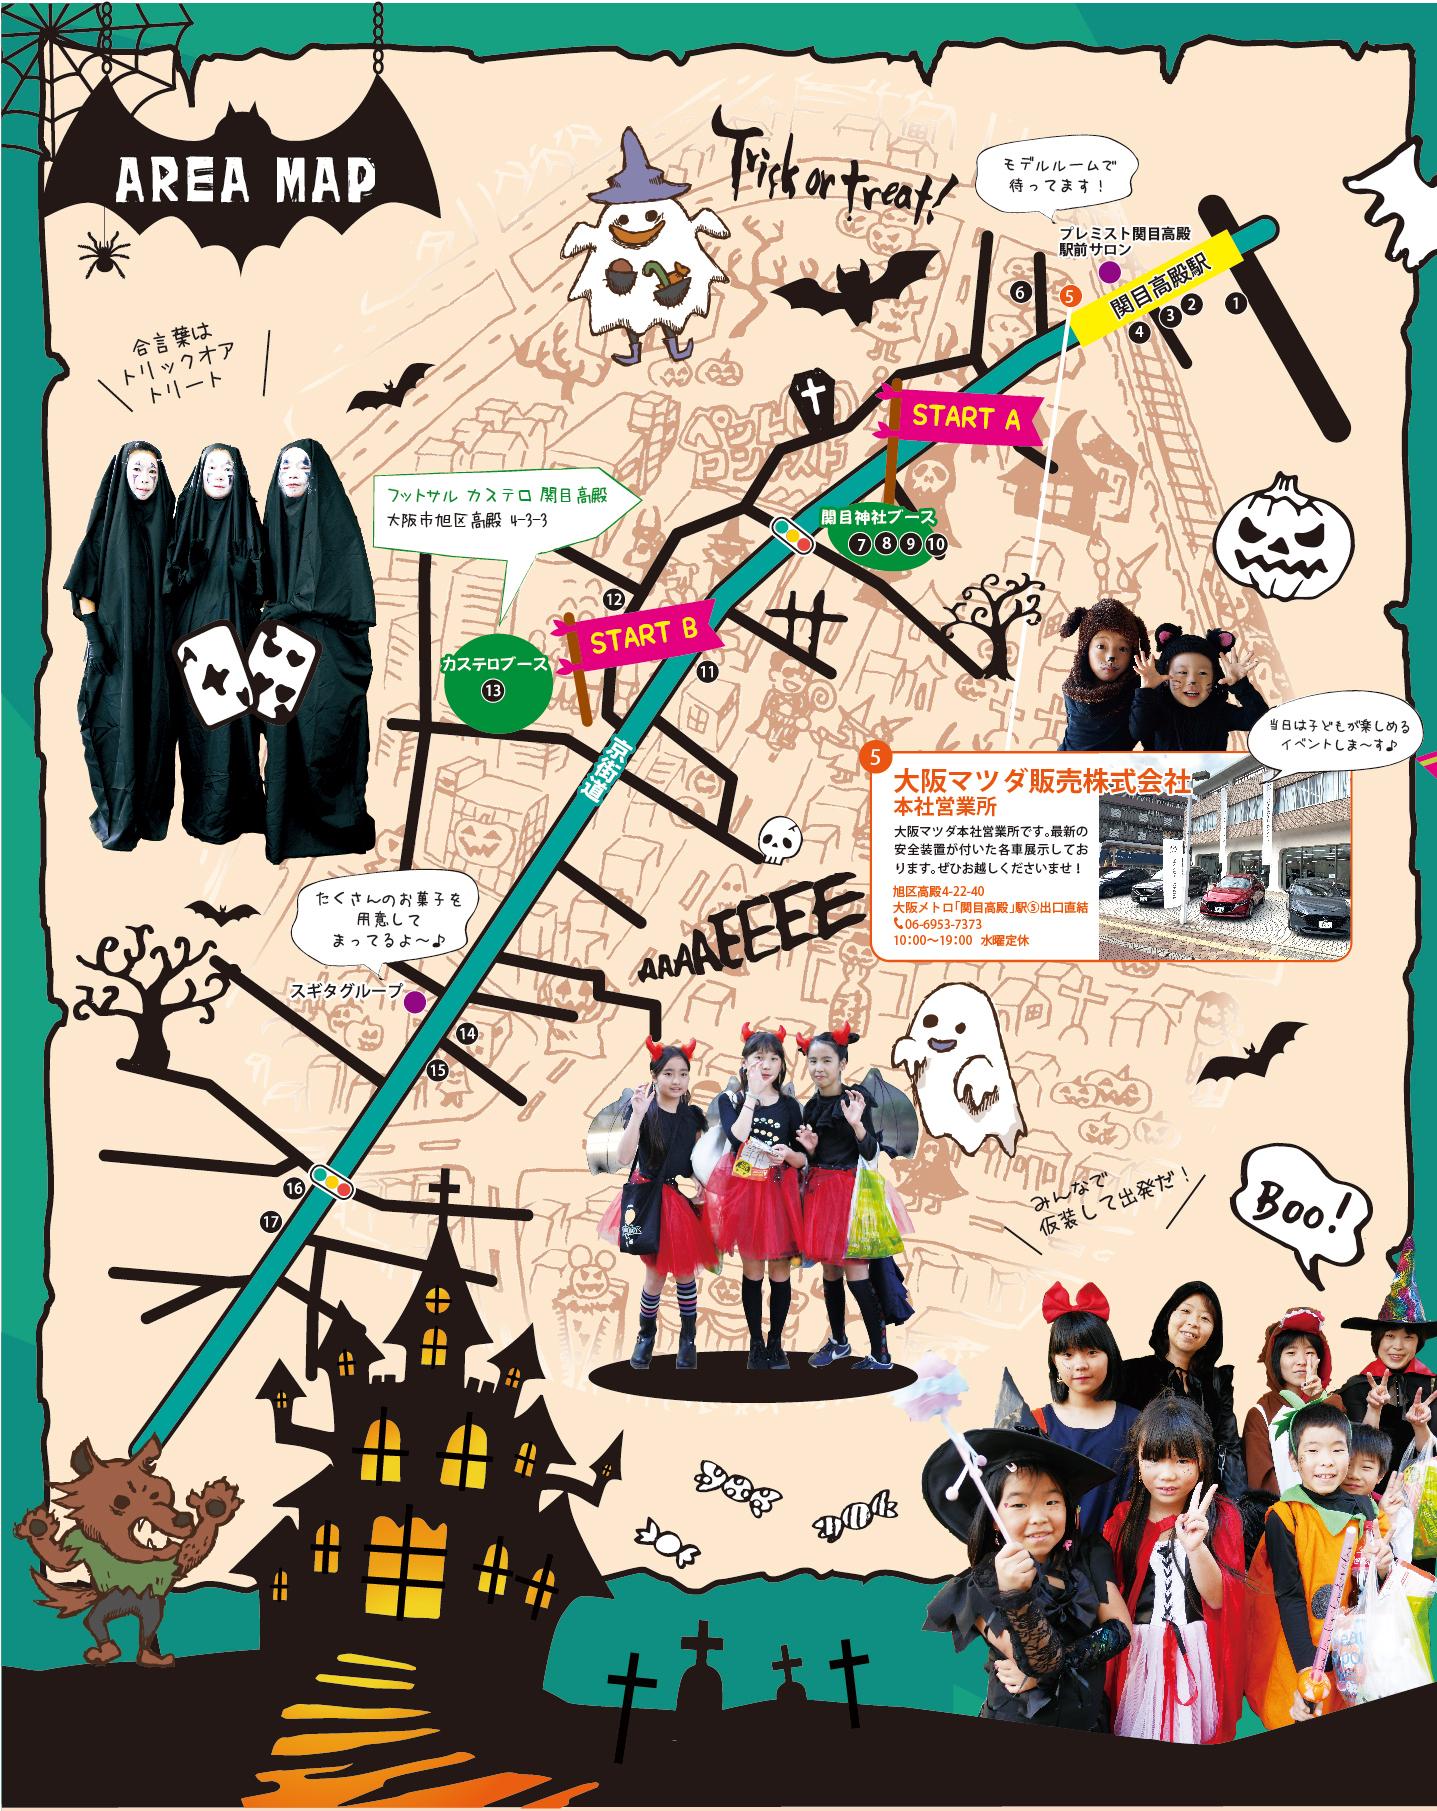 ハロウィン、京街道、コース、野江内代駅、関目高殿駅